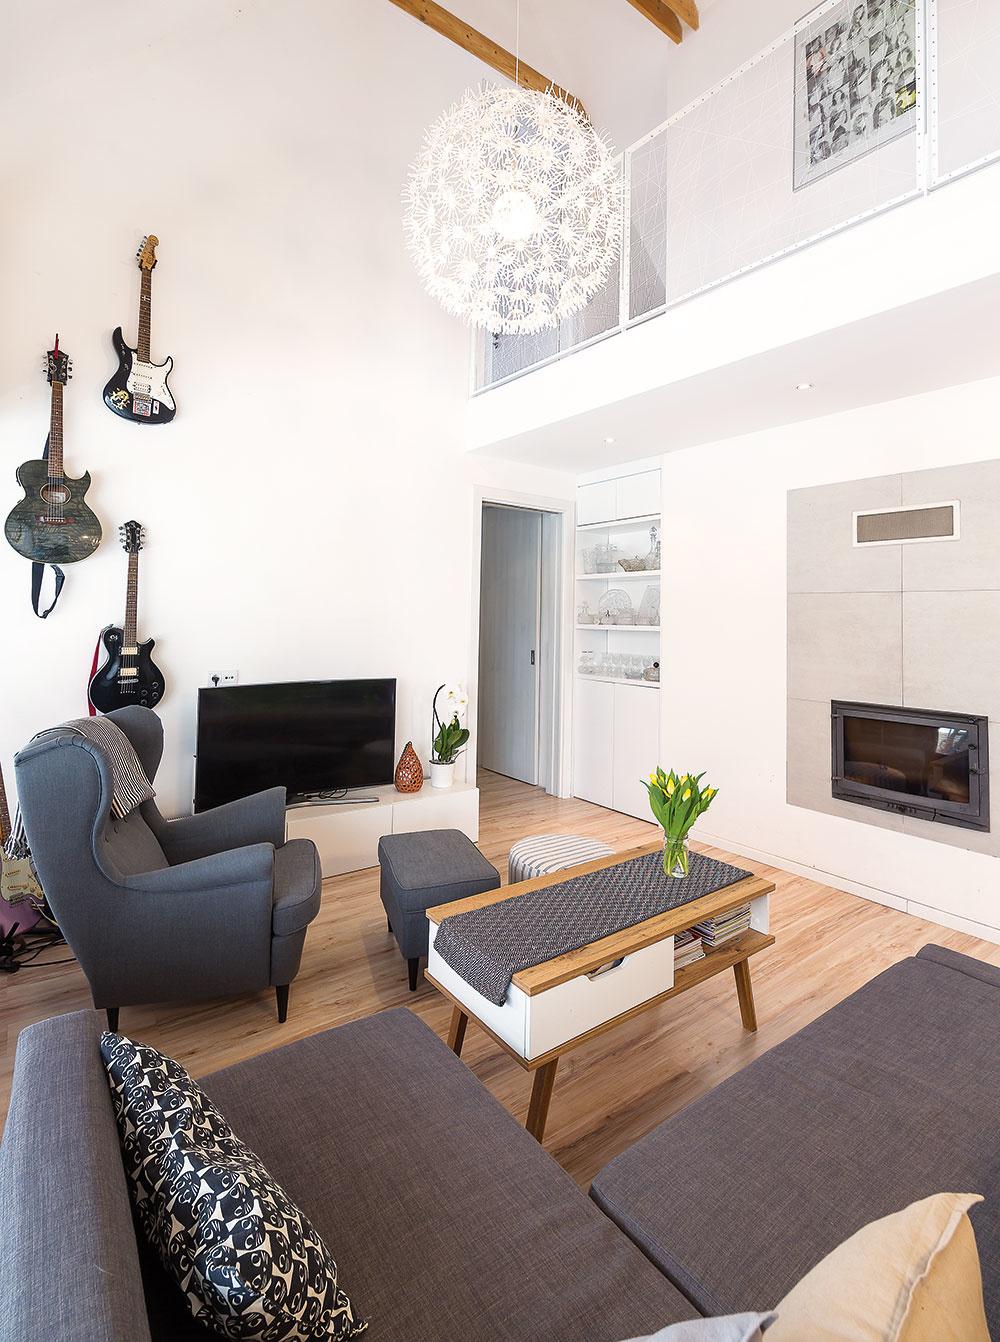 """""""Srdcom domu"""" je obývačka, ktorá je centrálnym spoločenským priestorom. Dvíha sa cez dve podlažia až kstreche, vďaka čomu tu vznikla galéria, ktorá prepája všetky obytné miestnosti vdome."""